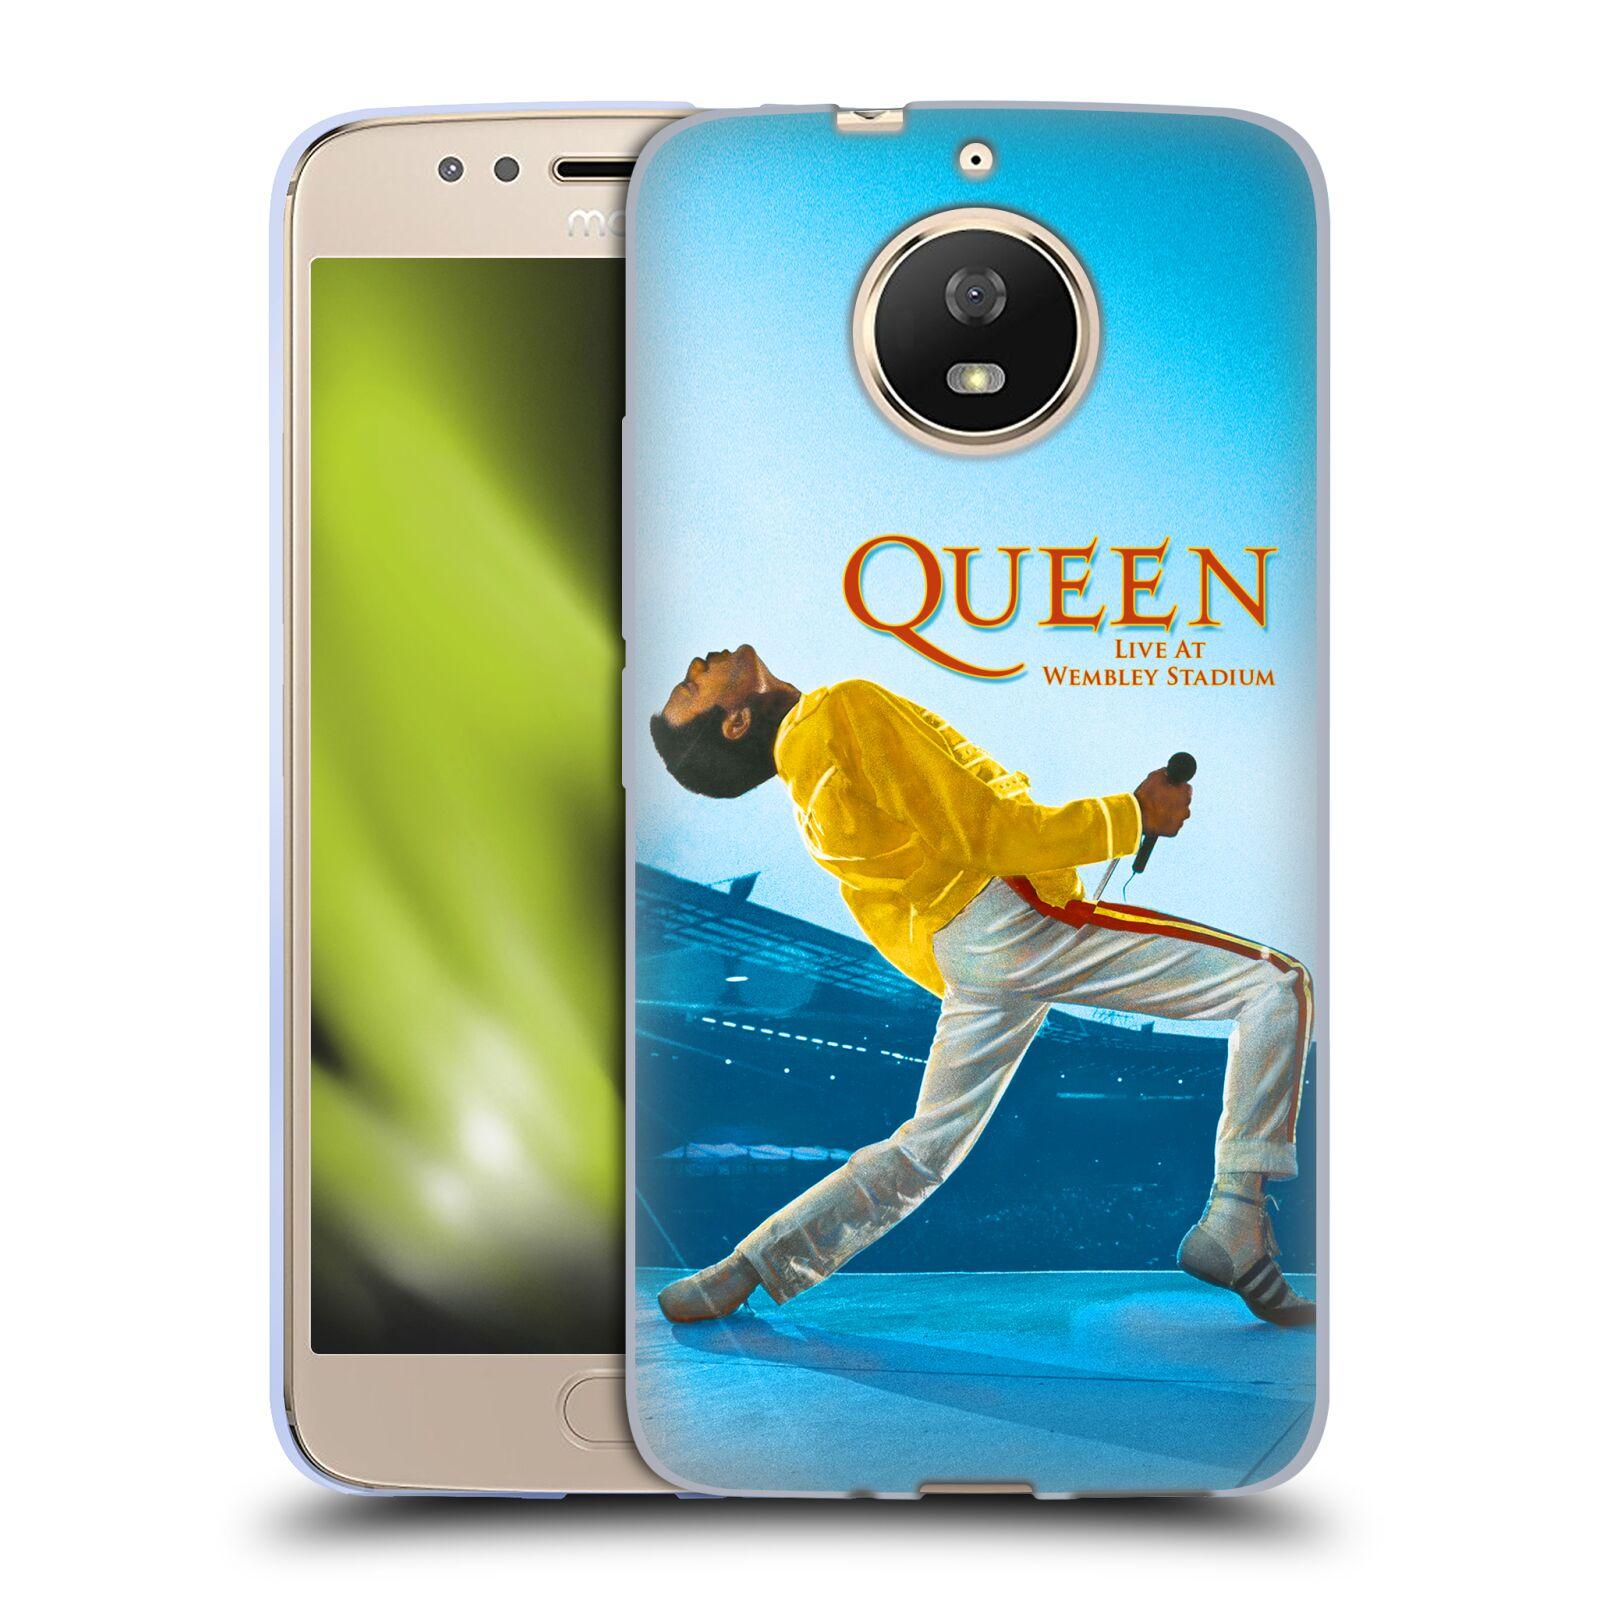 Silikonové pouzdro na mobil Lenovo Moto G5s - Head Case - Queen - Freddie Mercury